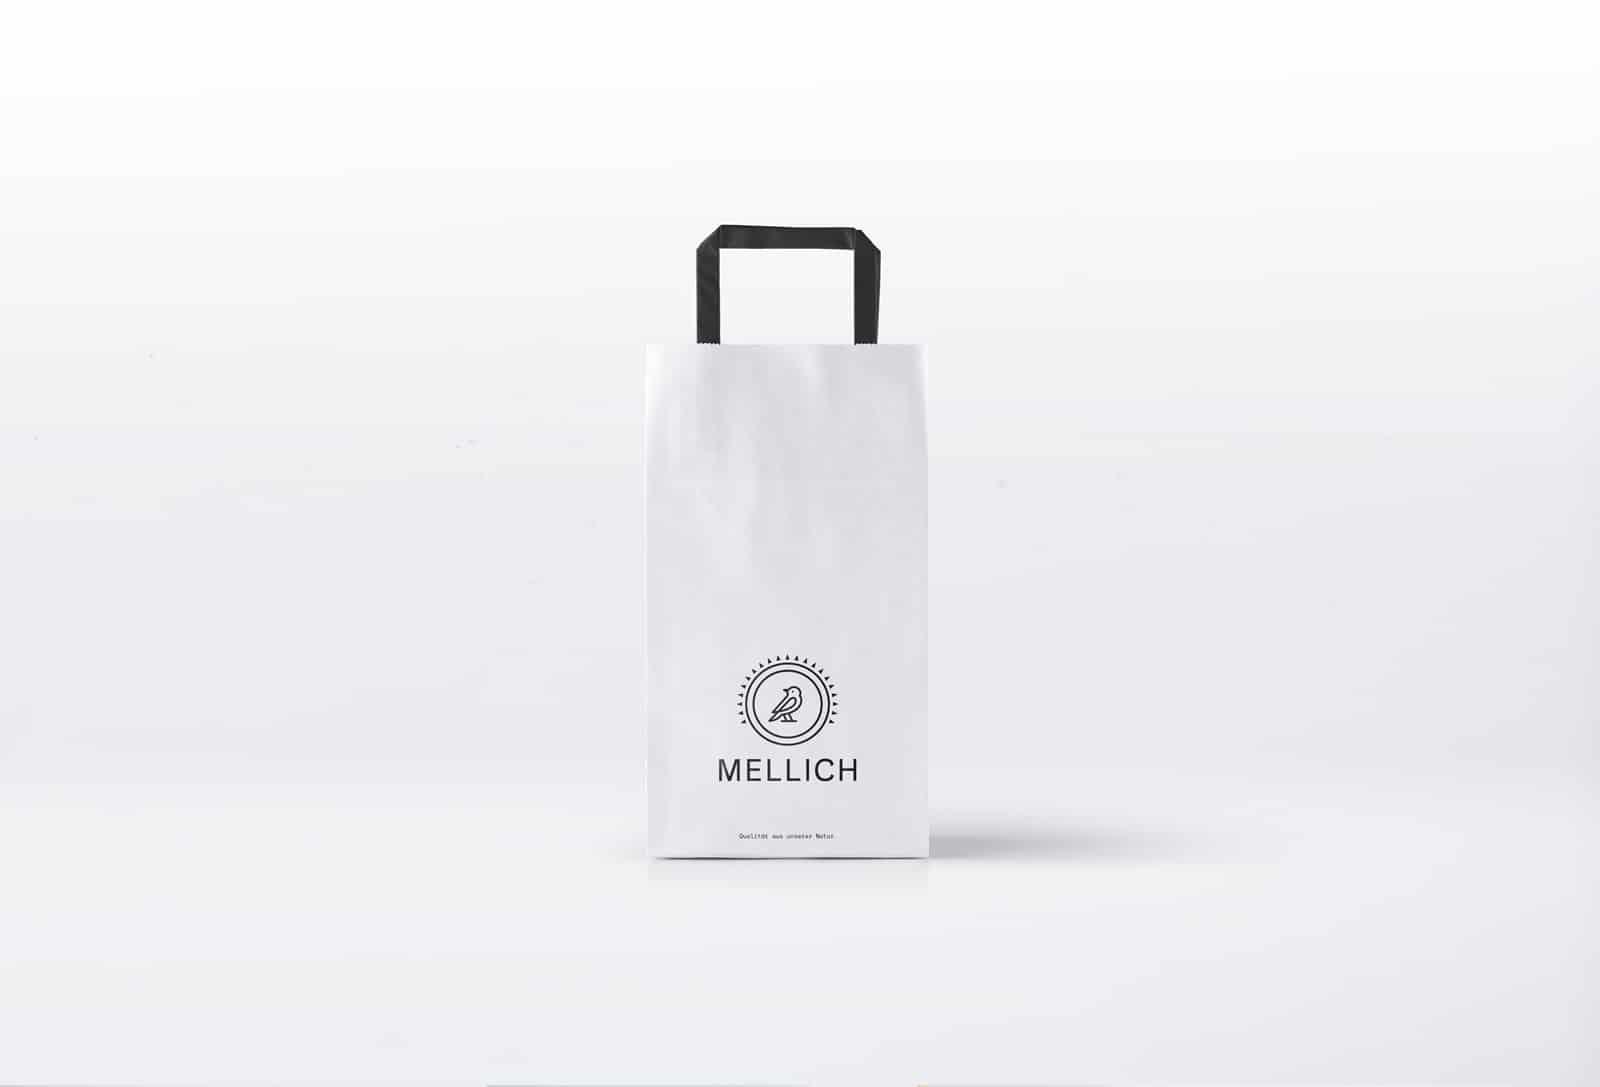 Mellich Tüte Packaging Design